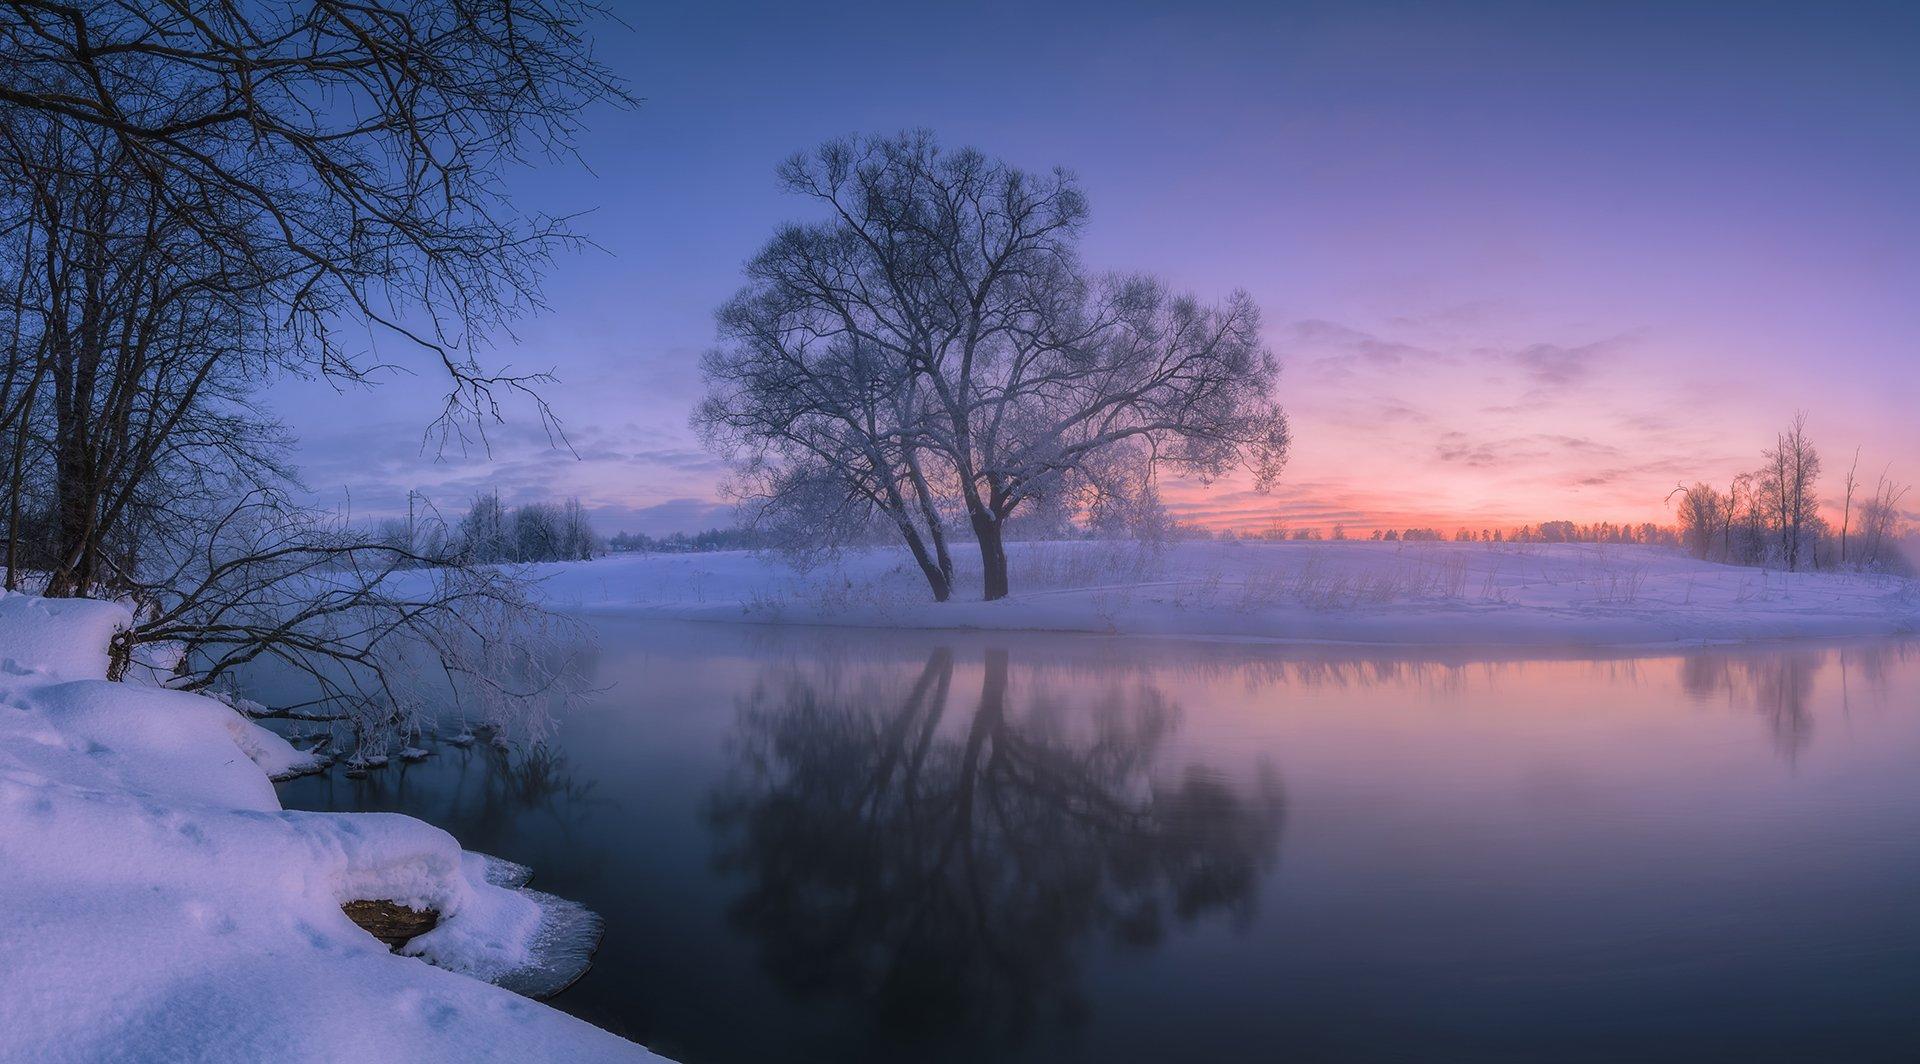 рассвет, утро, туман, мороз, природа, пейзаж, истра, река, небо, дерево, Виталий Левыкин